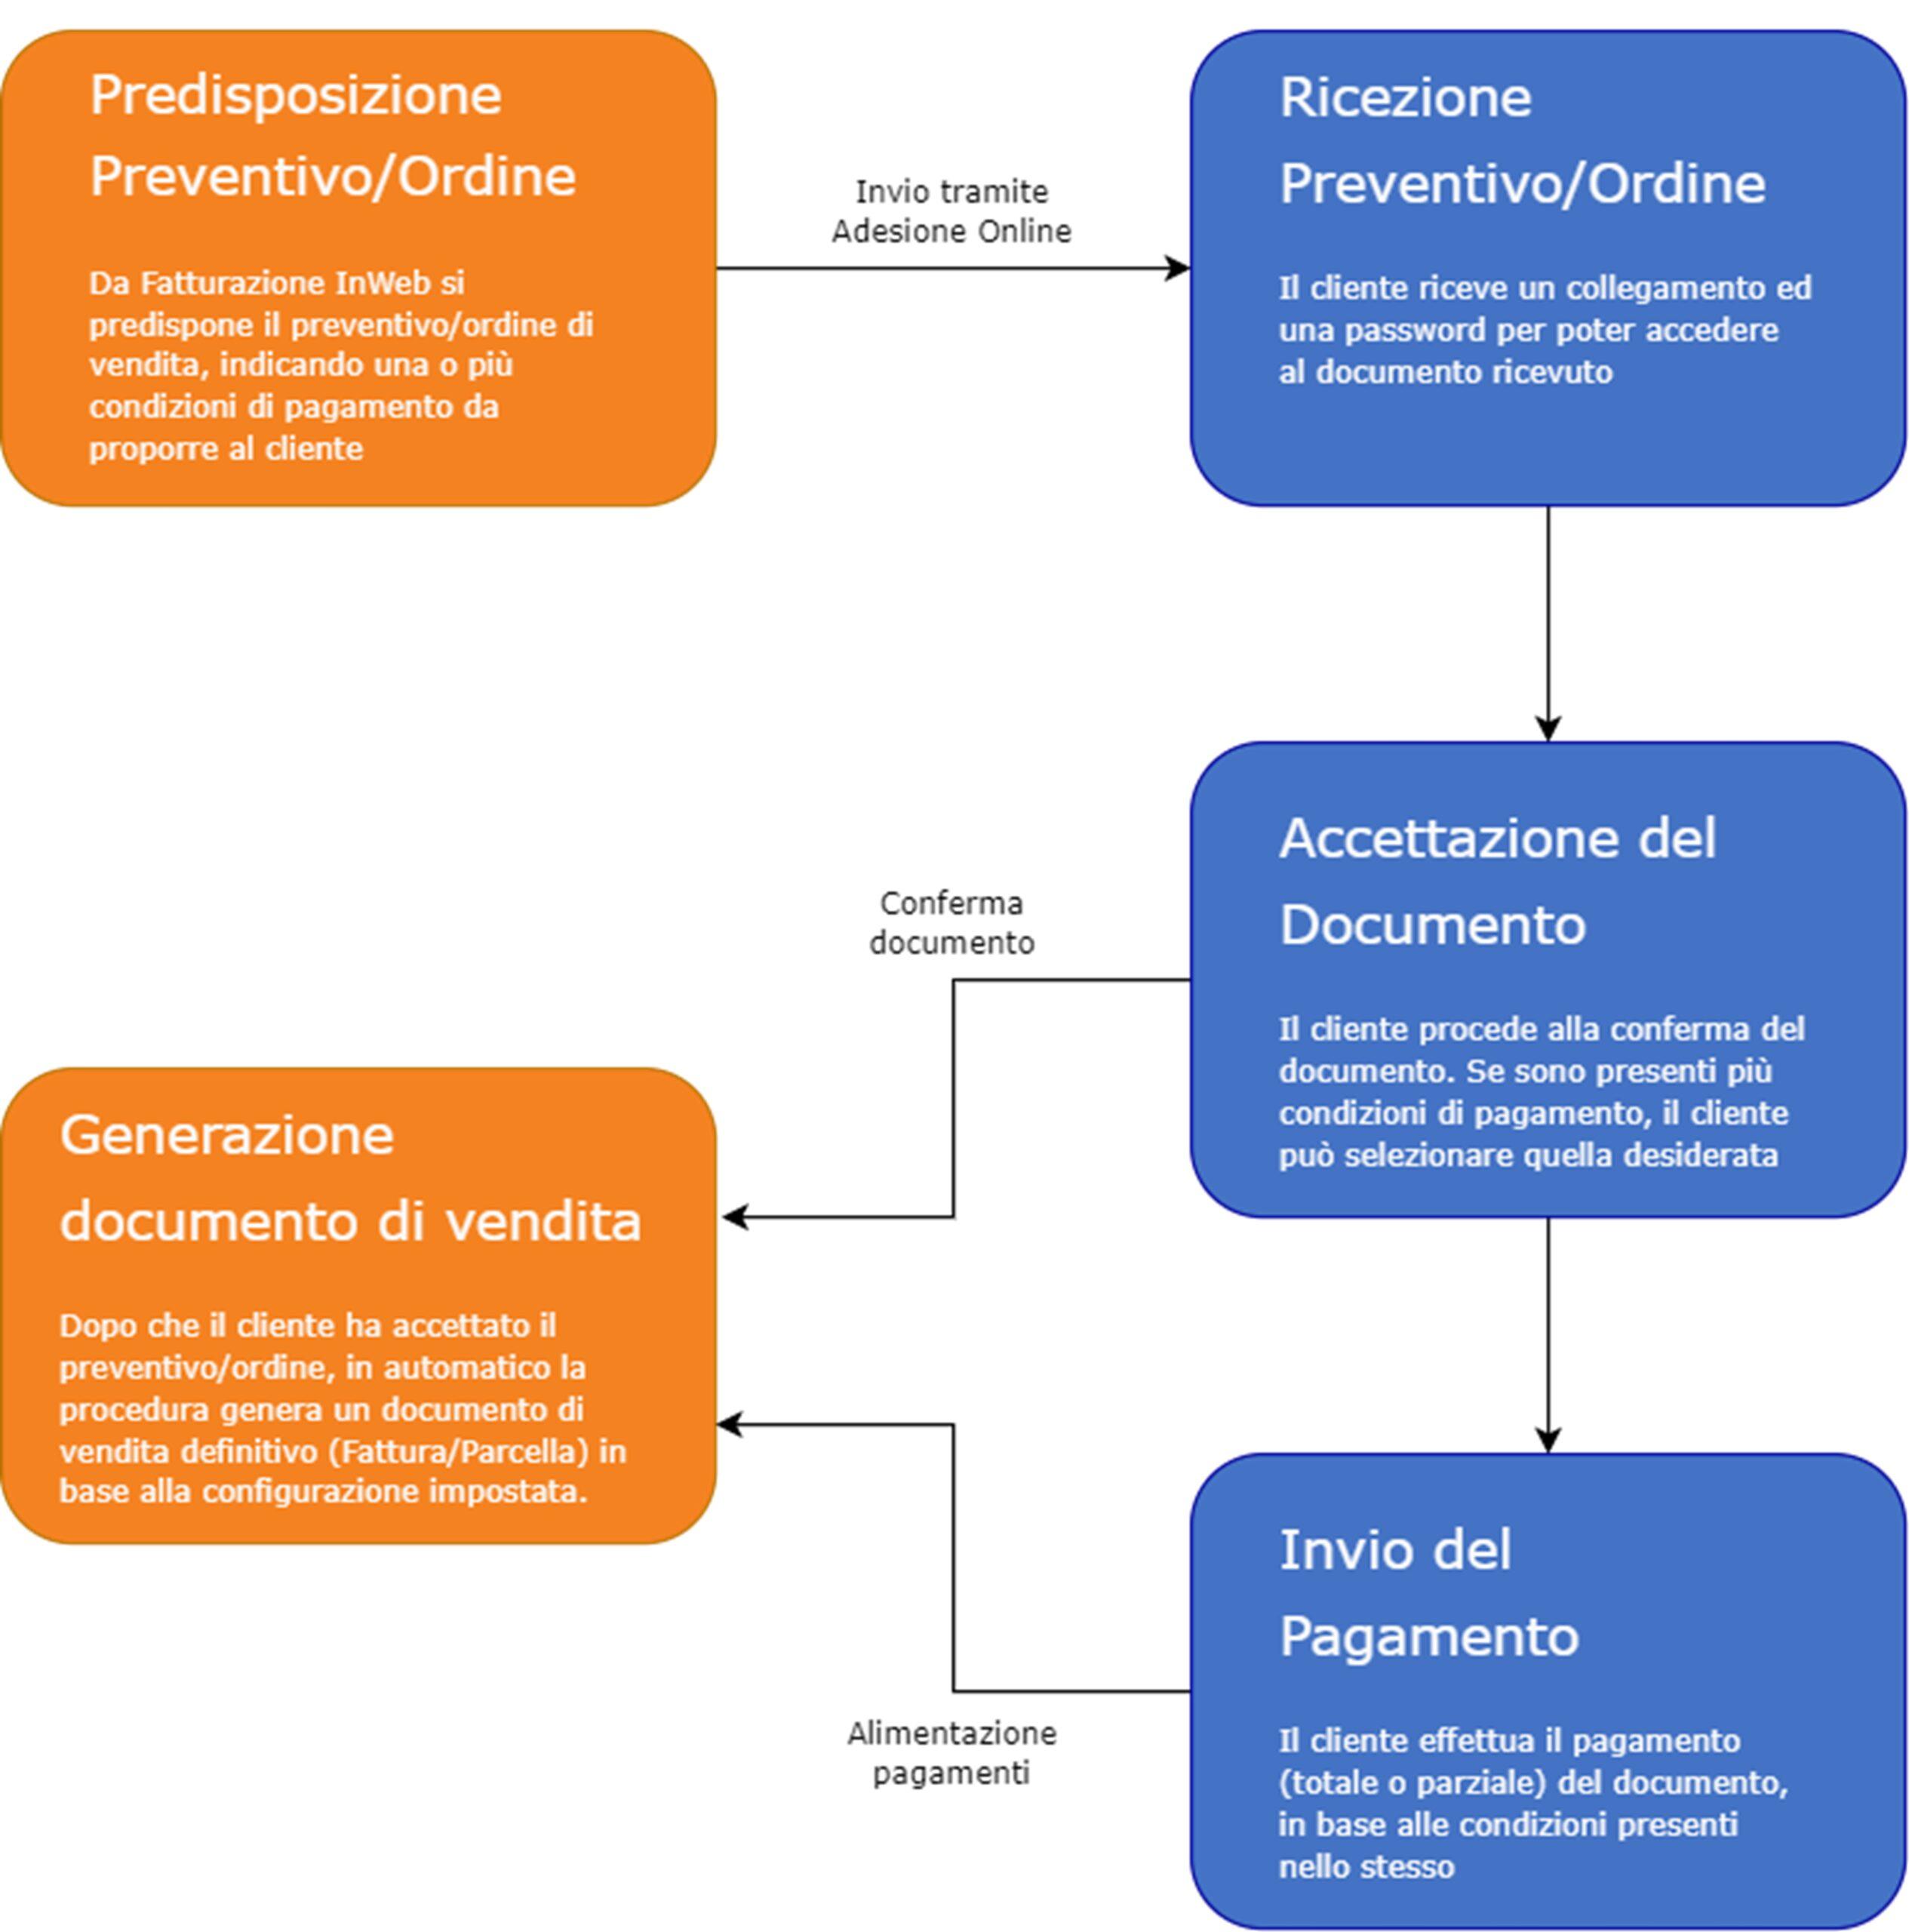 Fatturazione inWeb: invio documenti tramite Adesione Online: funzionamento procedura on-line